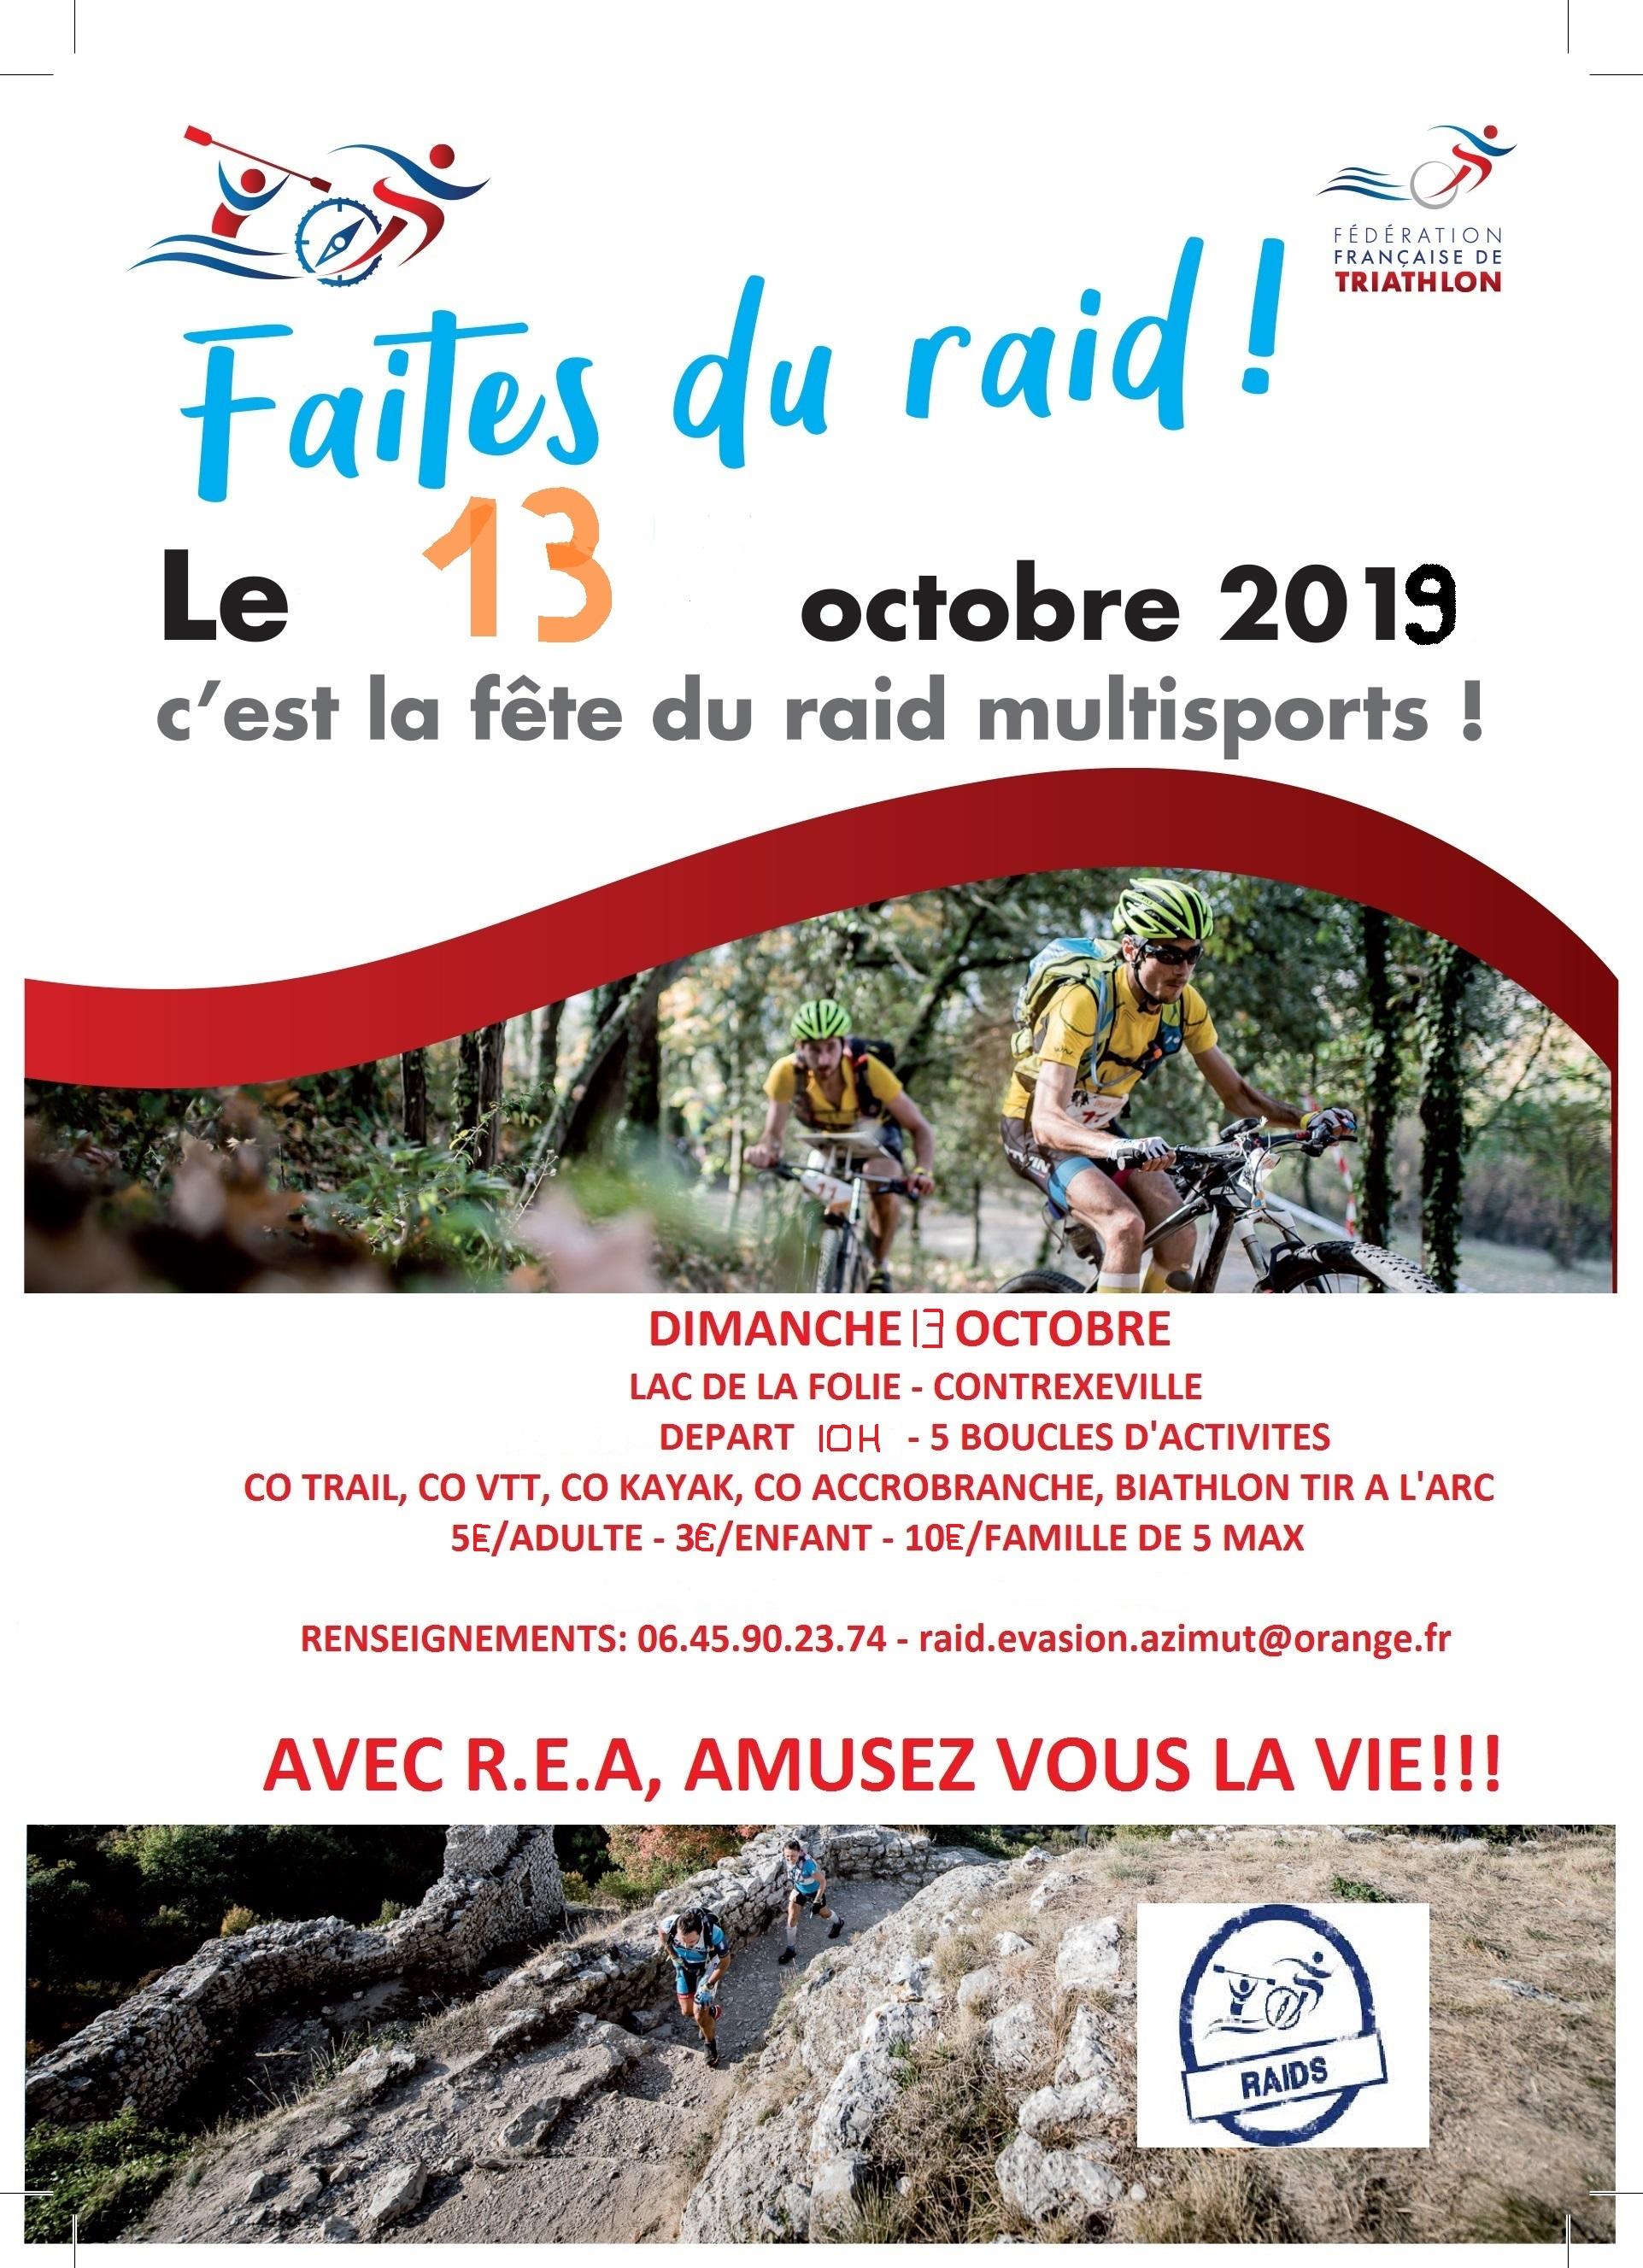 Calendrier Raid Multisport 2019.Faites Du Raid Dans Le Grand Est Le 5 Et 13 Octobre Ligue